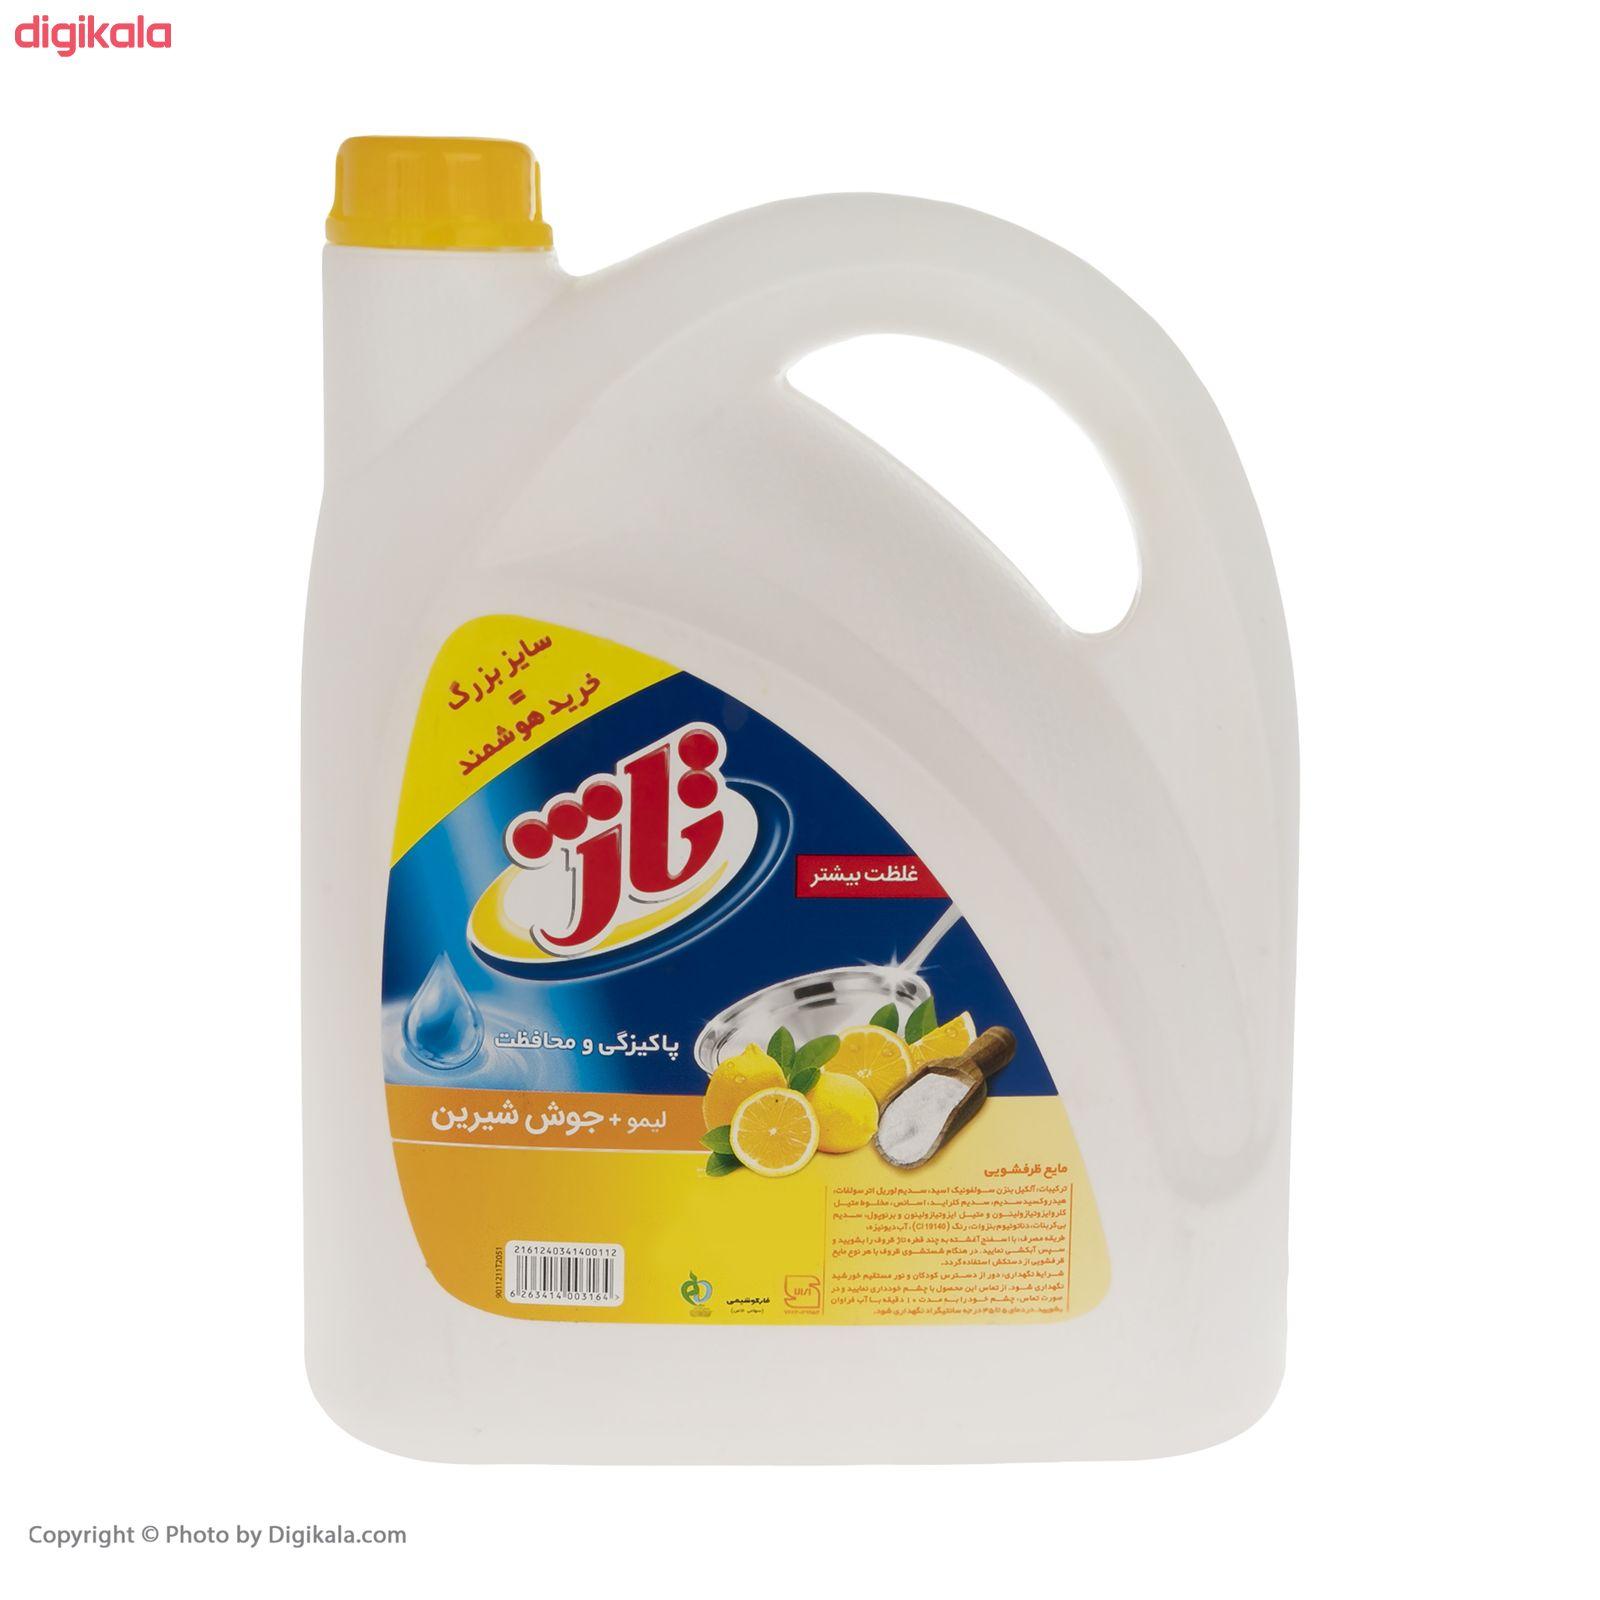 مایع ظرفشویی تاژ حاوی جوش شیرین با رایحه لیمو زرد مقدار 3.75 کیلوگرم main 1 1